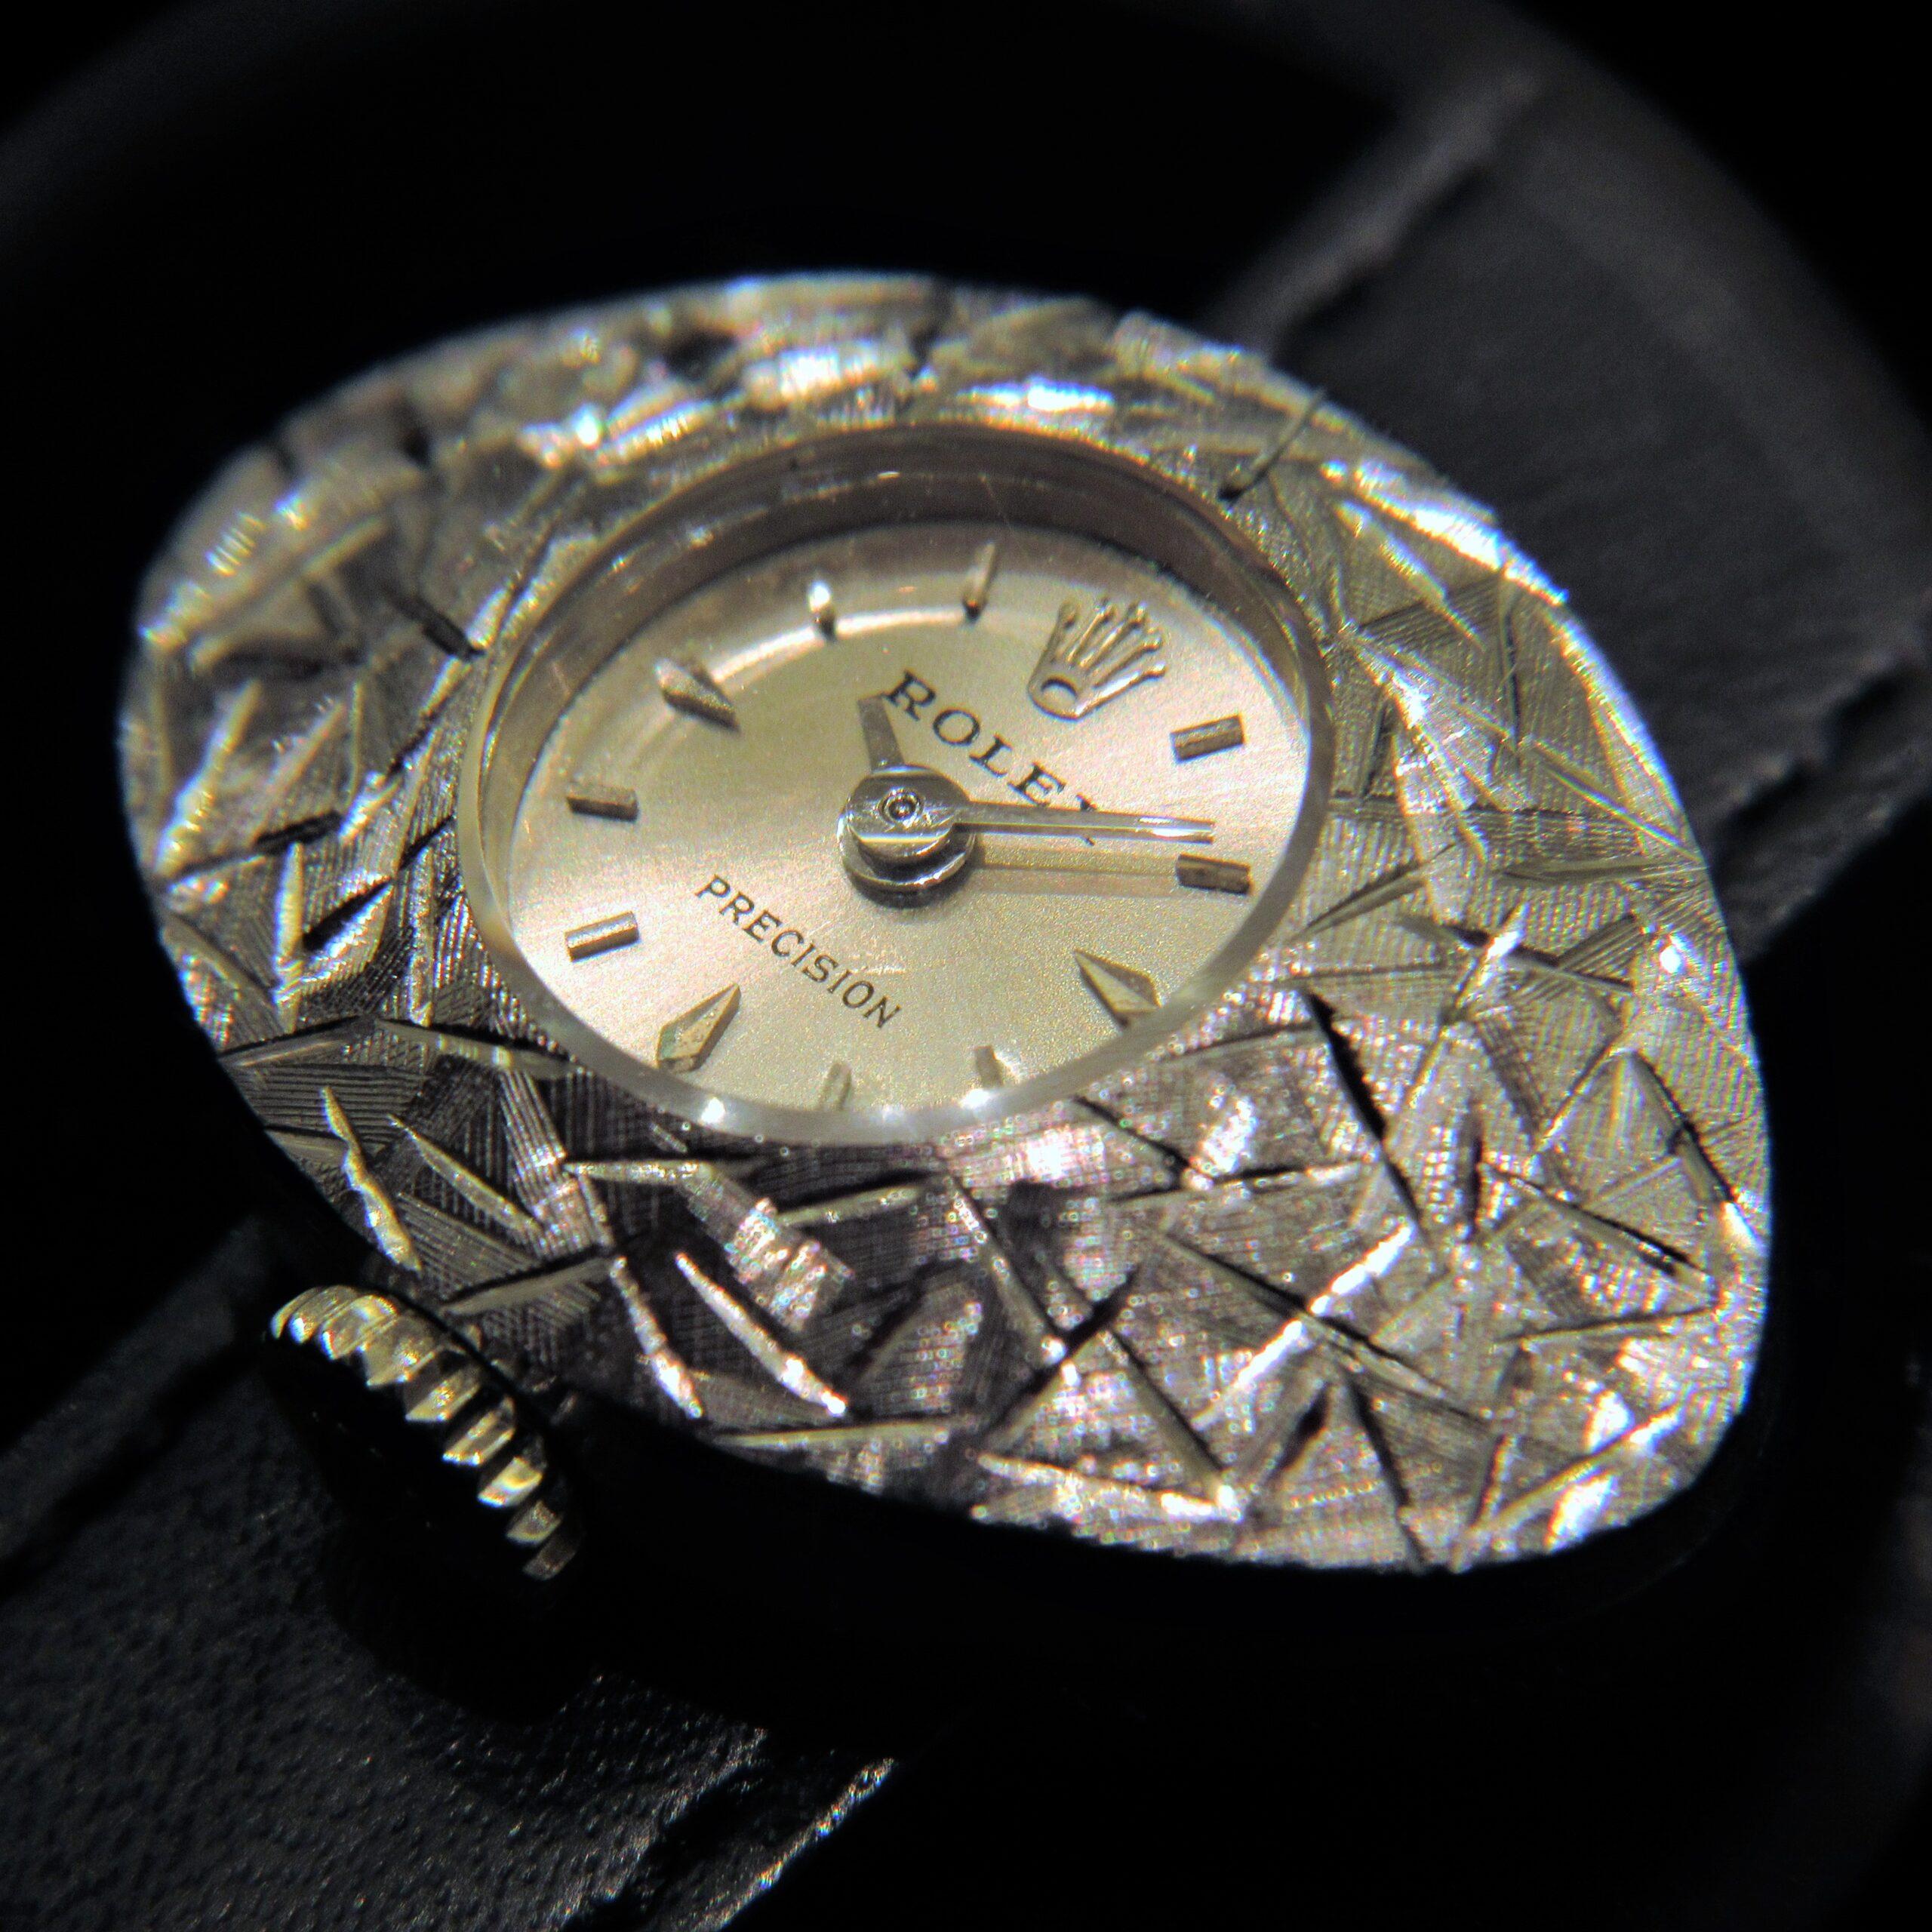 ロレックスカメレオンホワイトゴールド ROLEX Cameleon White Gold